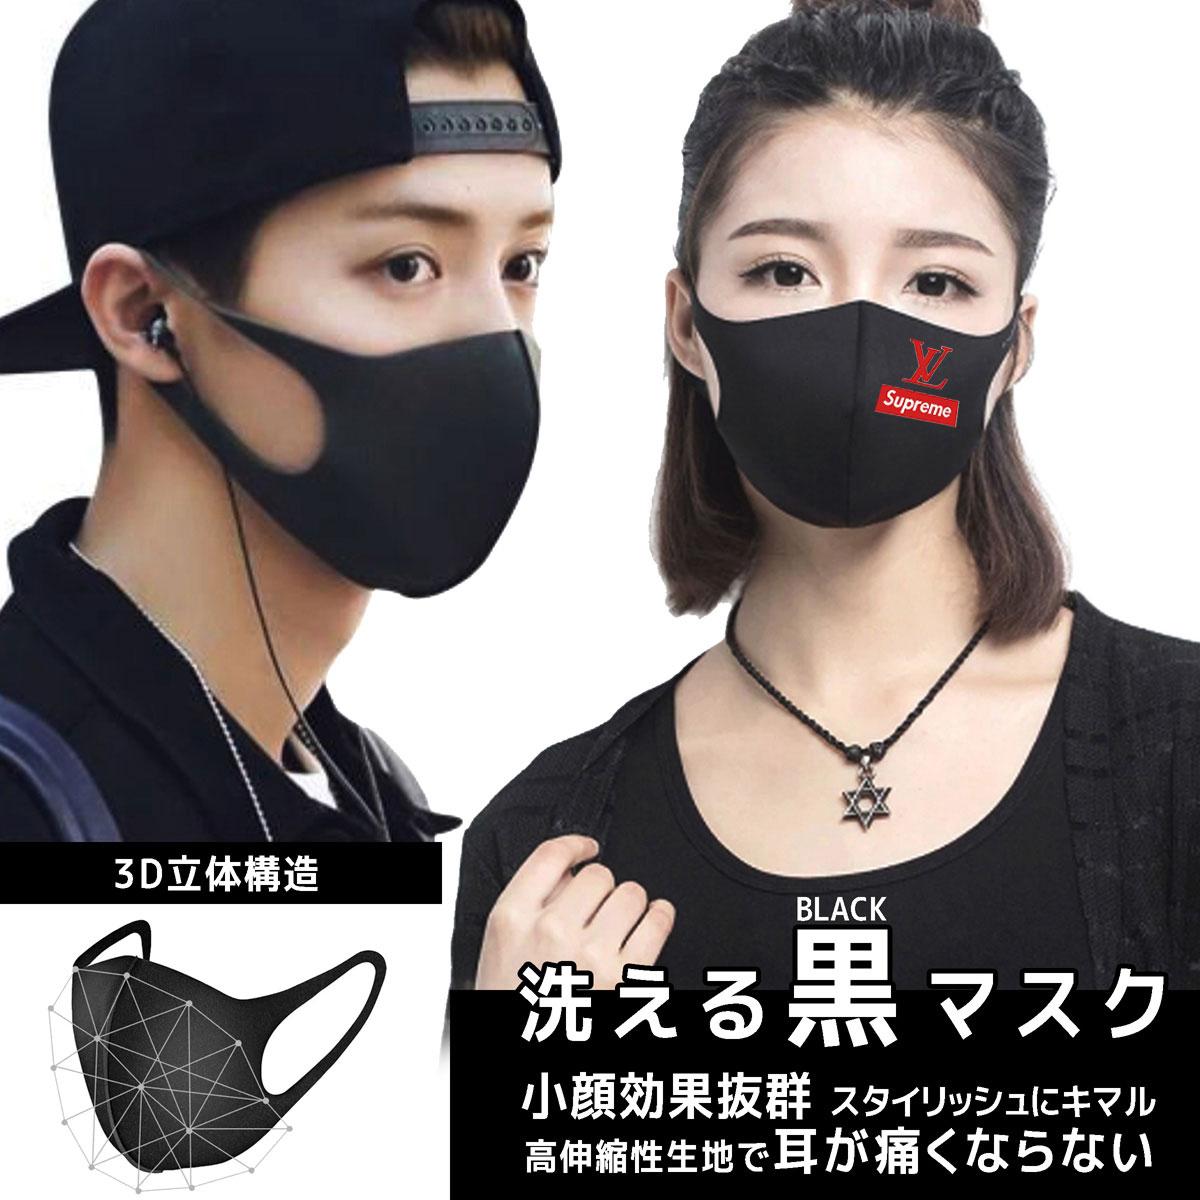 激安 男女兼用 伸縮性が高く 耳を痛めず快適 手作り布マスク お洒落